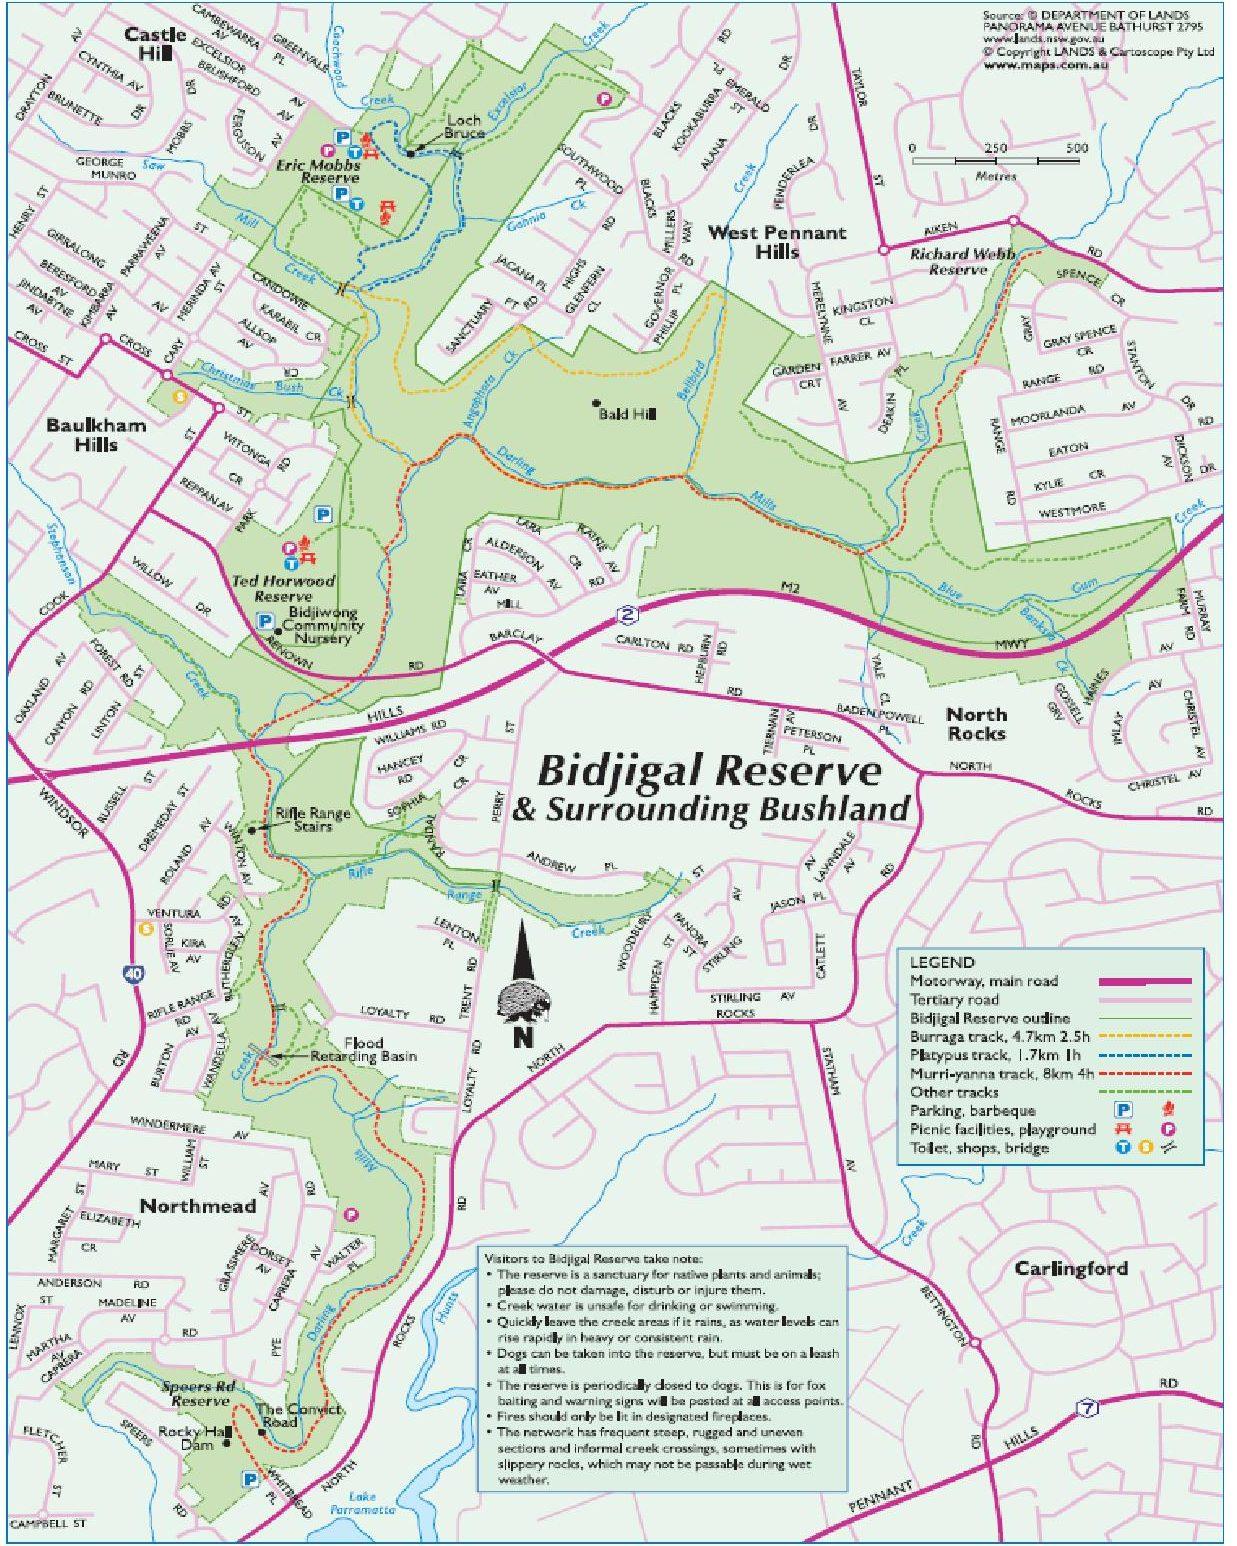 Bidjigal Reserve Hazel Ryan Oval